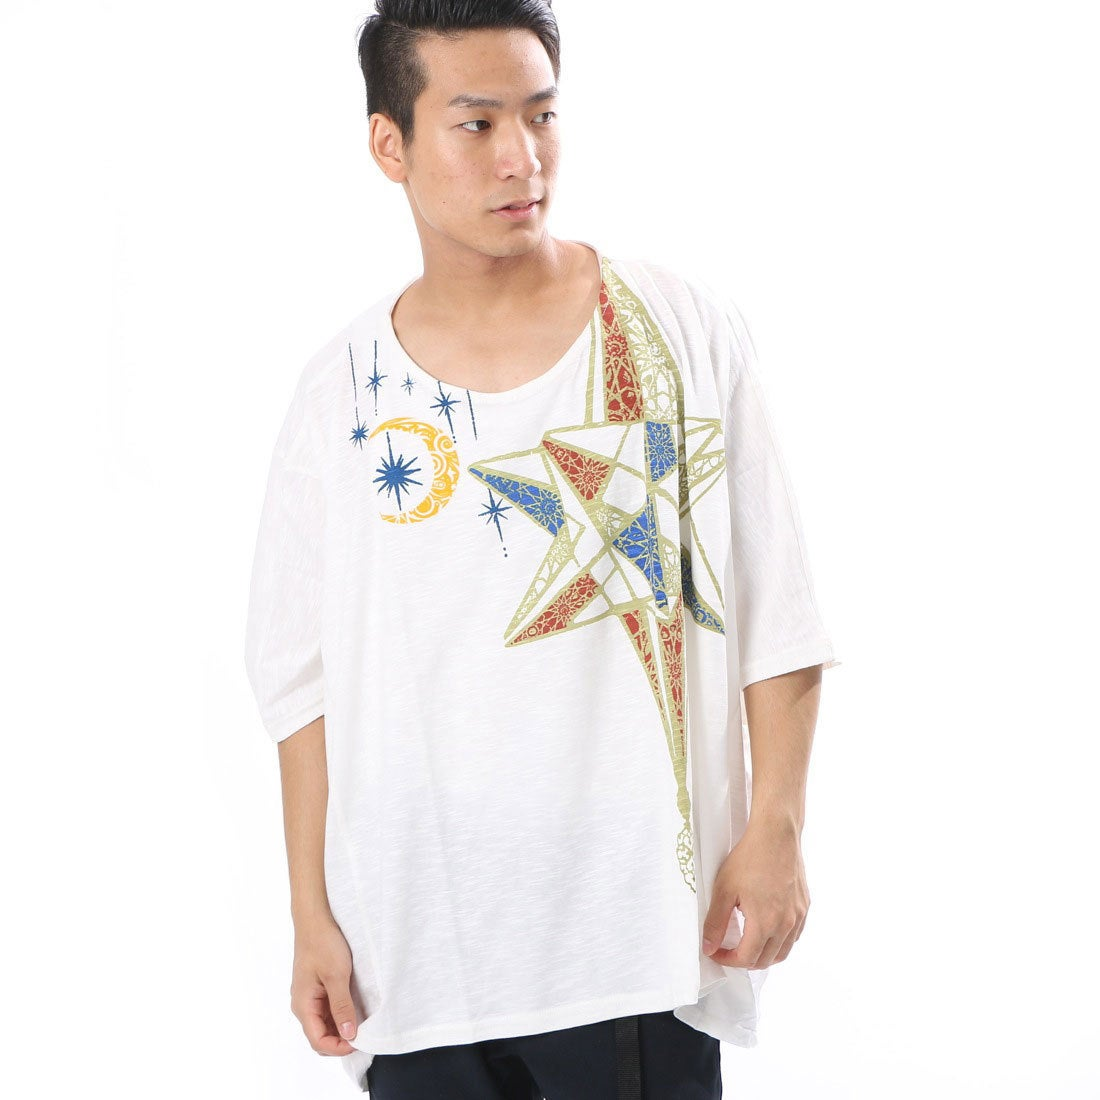 【チャイハネ】モロッコランプ★アラビアンプリントメンズTシャツ ホワイト